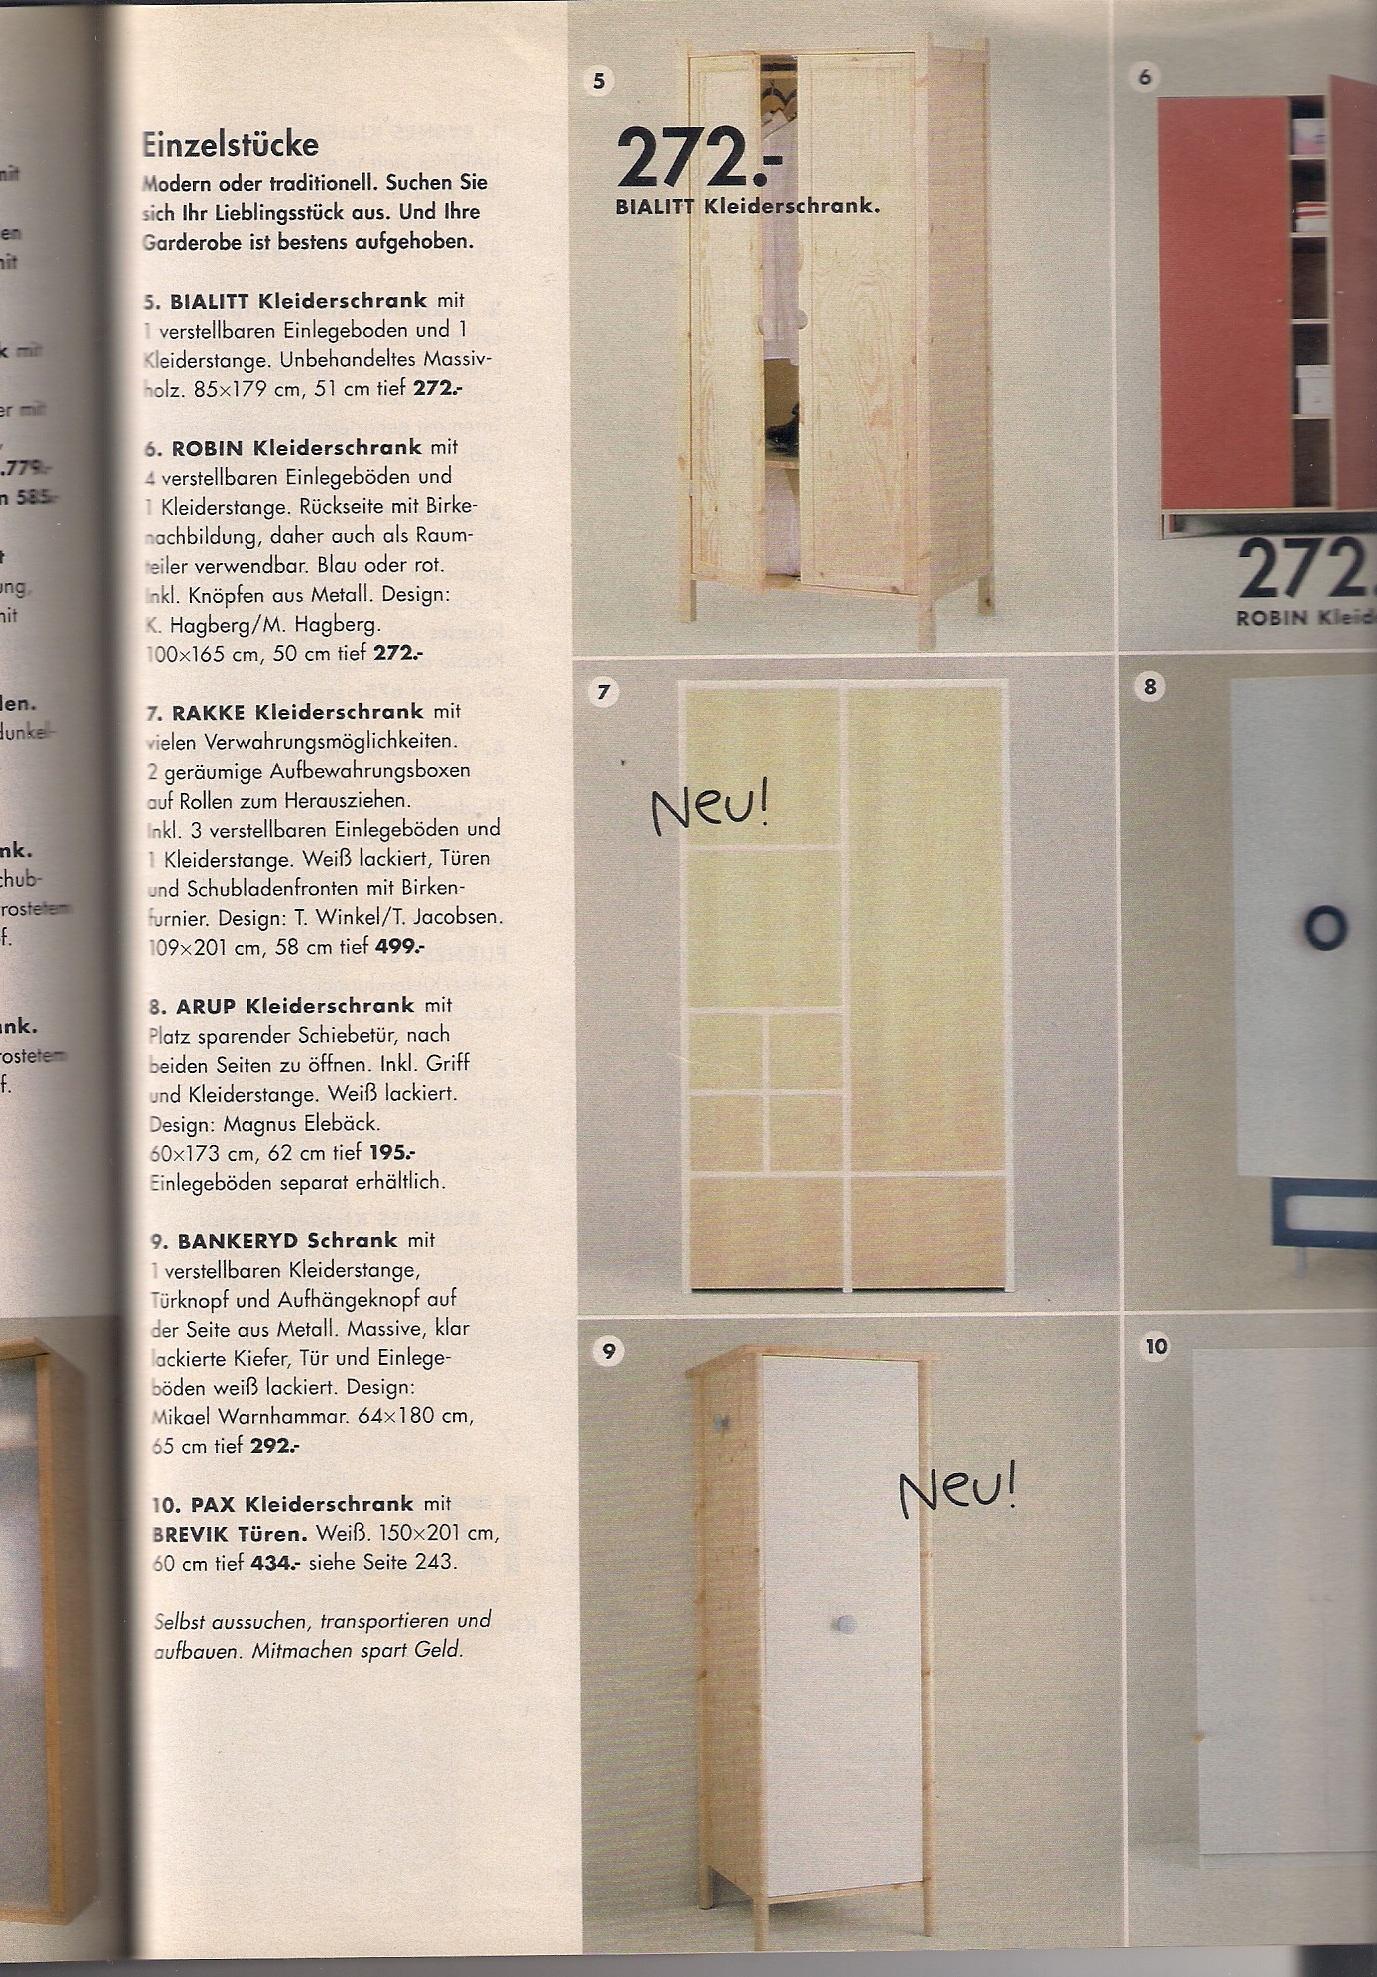 Wie Heisst Dieses Ikea Schrank Modell Nicht Mehr I Wer Weiss